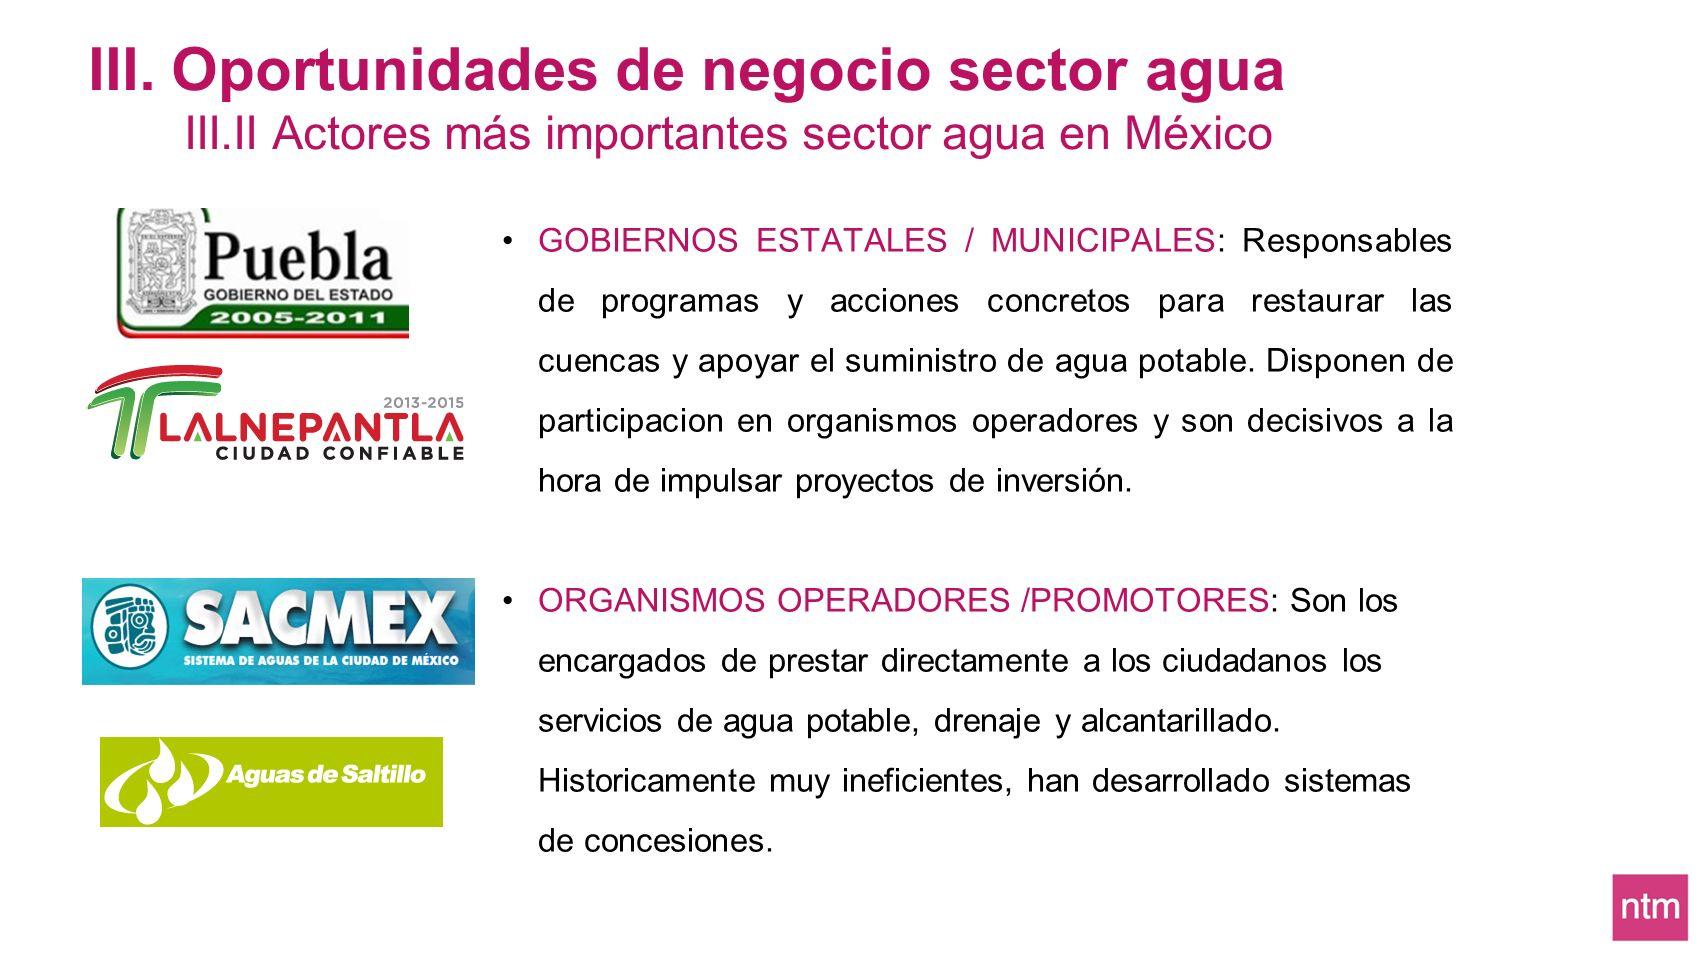 GOBIERNOS ESTATALES / MUNICIPALES: Responsables de programas y acciones concretos para restaurar las cuencas y apoyar el suministro de agua potable. D